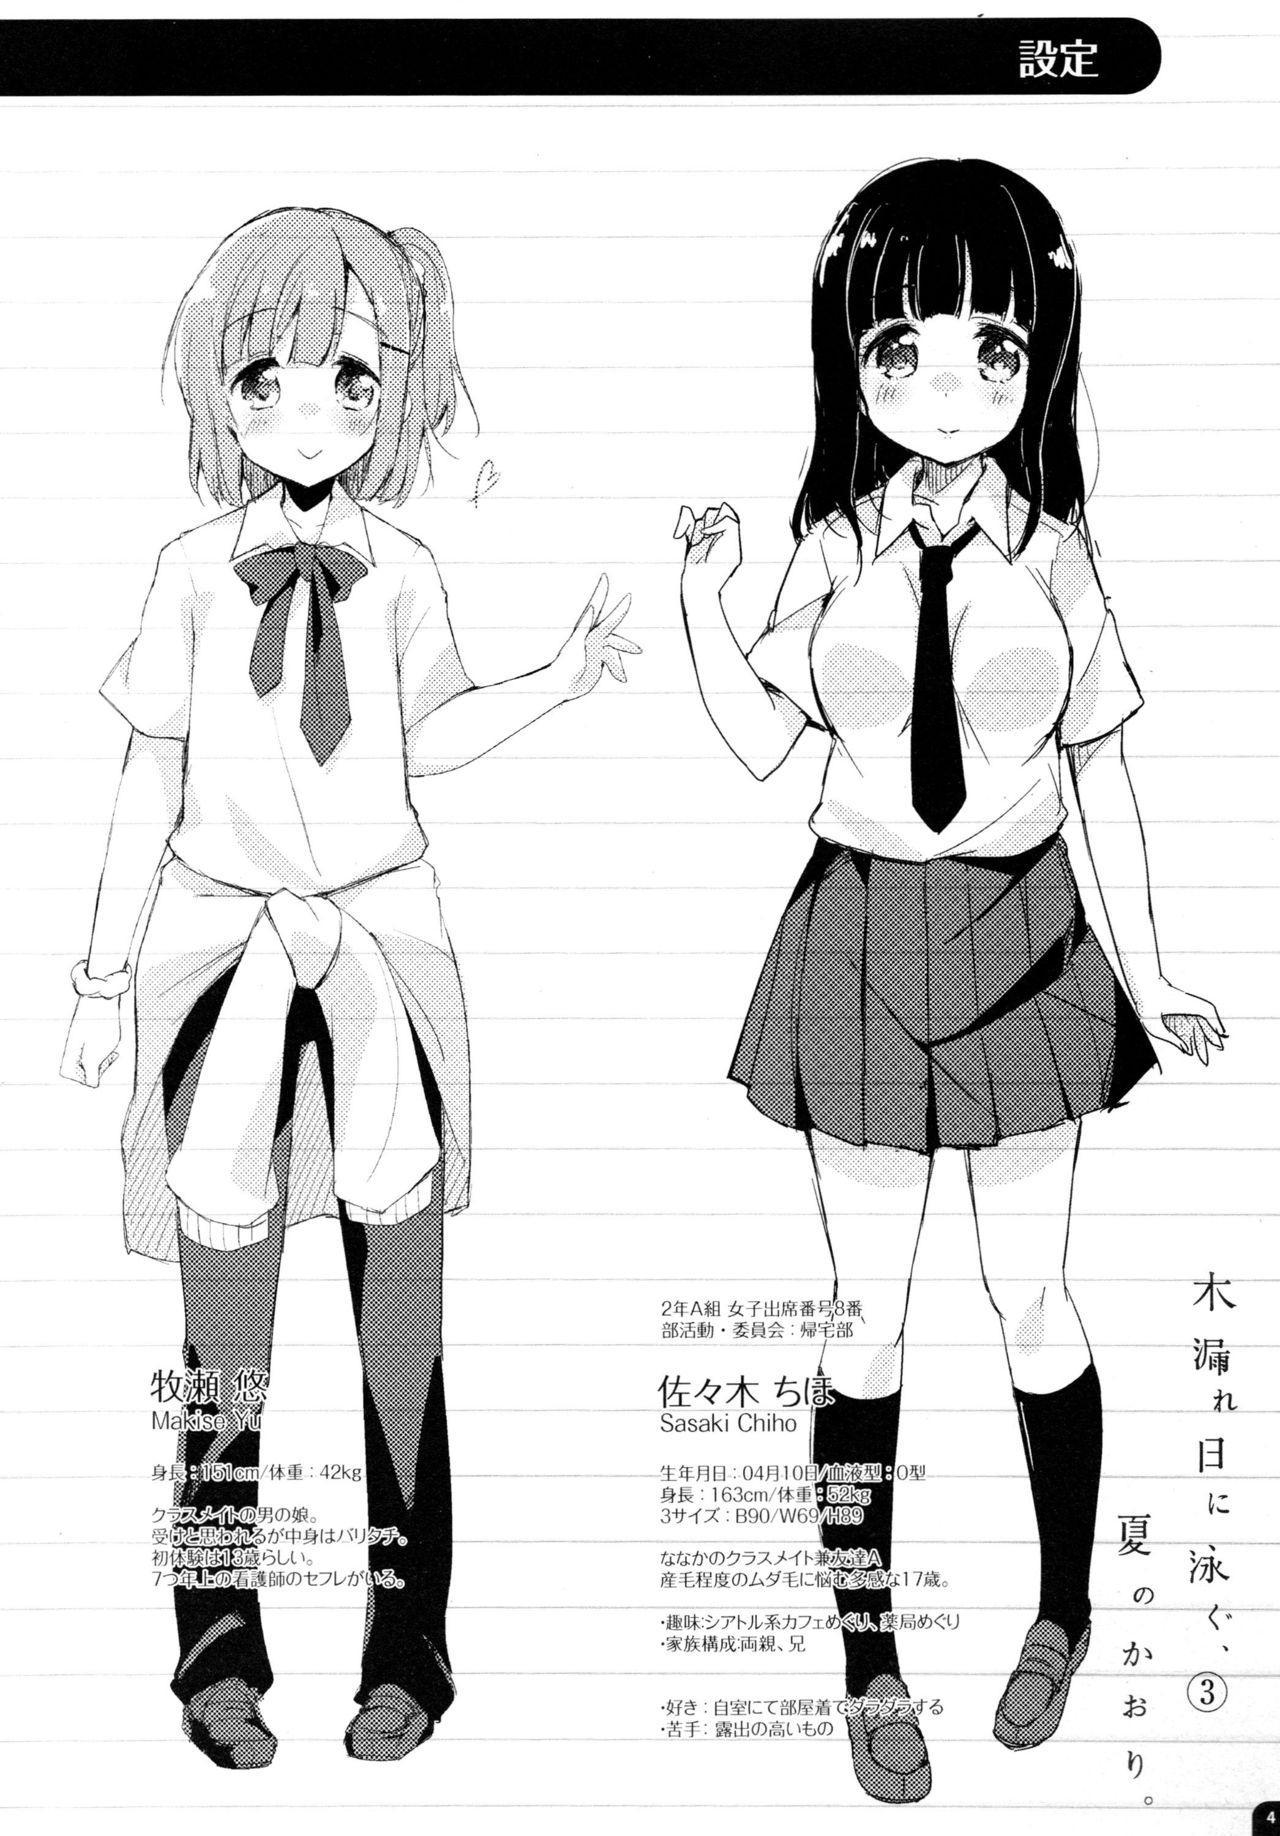 Komorebi ni Oyogu, Natsu no Kaori. 3 4